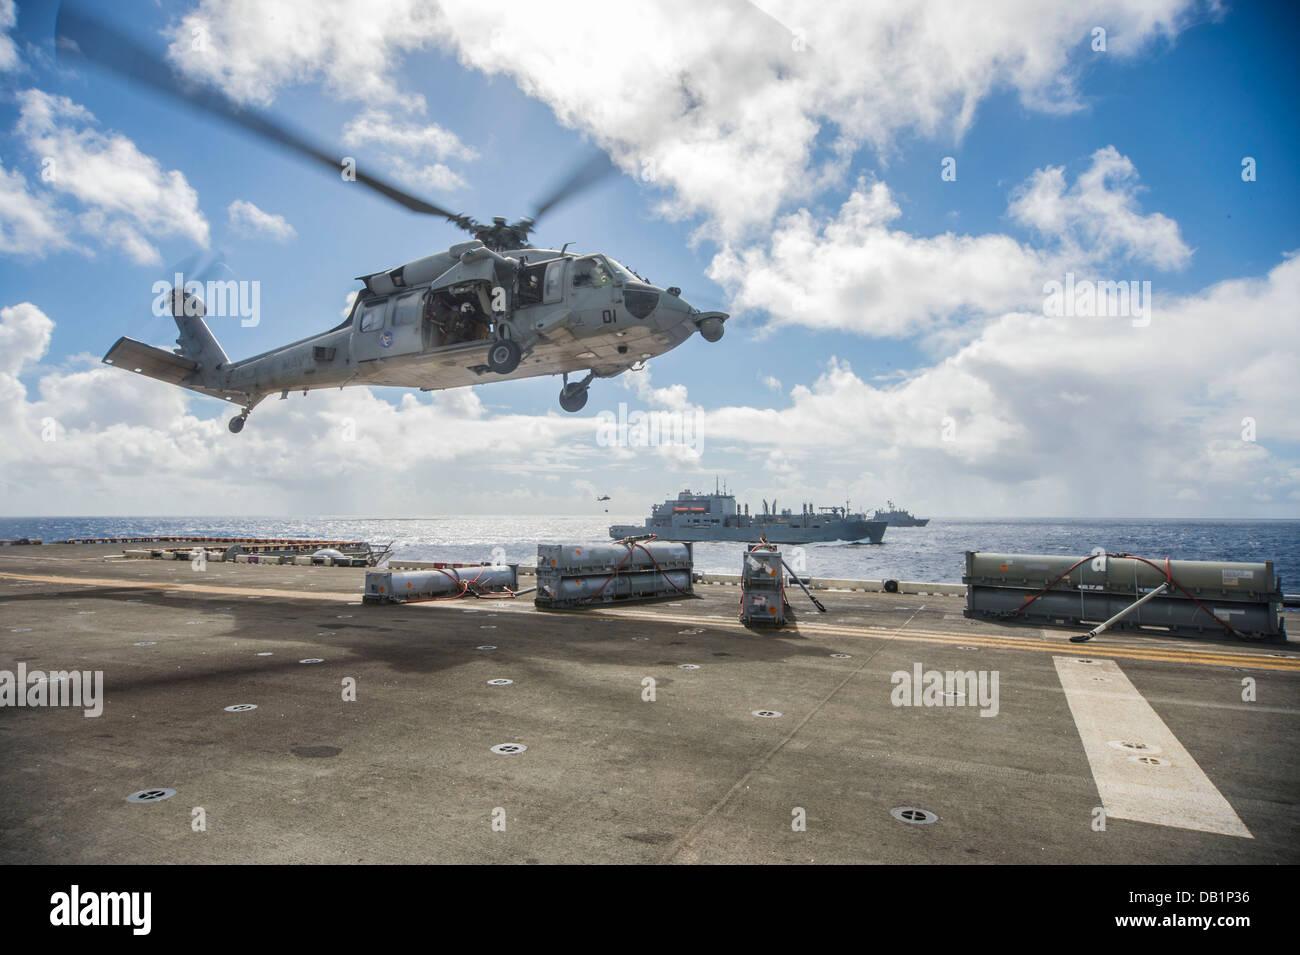 Un SH-60 Sea Hawk helicóptero asignado a la Isla de los Caballeros de mar escuadrón de helicópteros Imagen De Stock